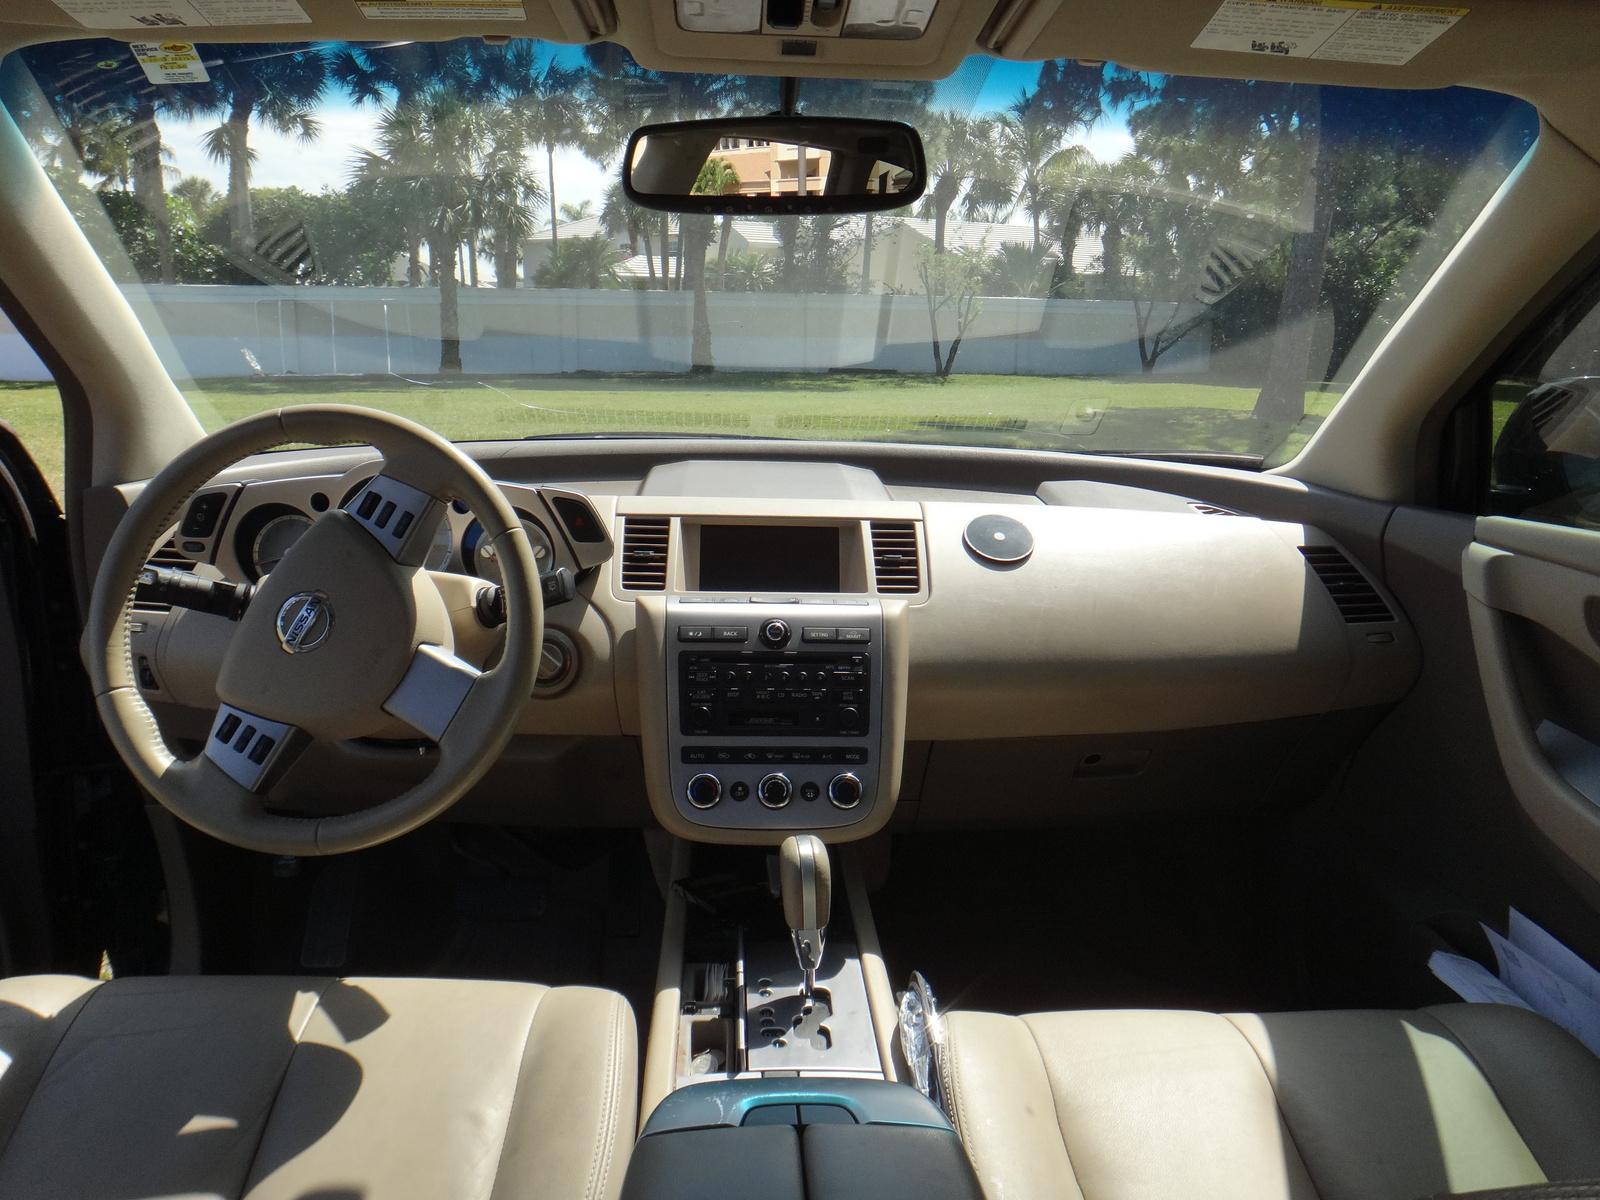 2007 Nissan Murano - Pictures - CarGurus